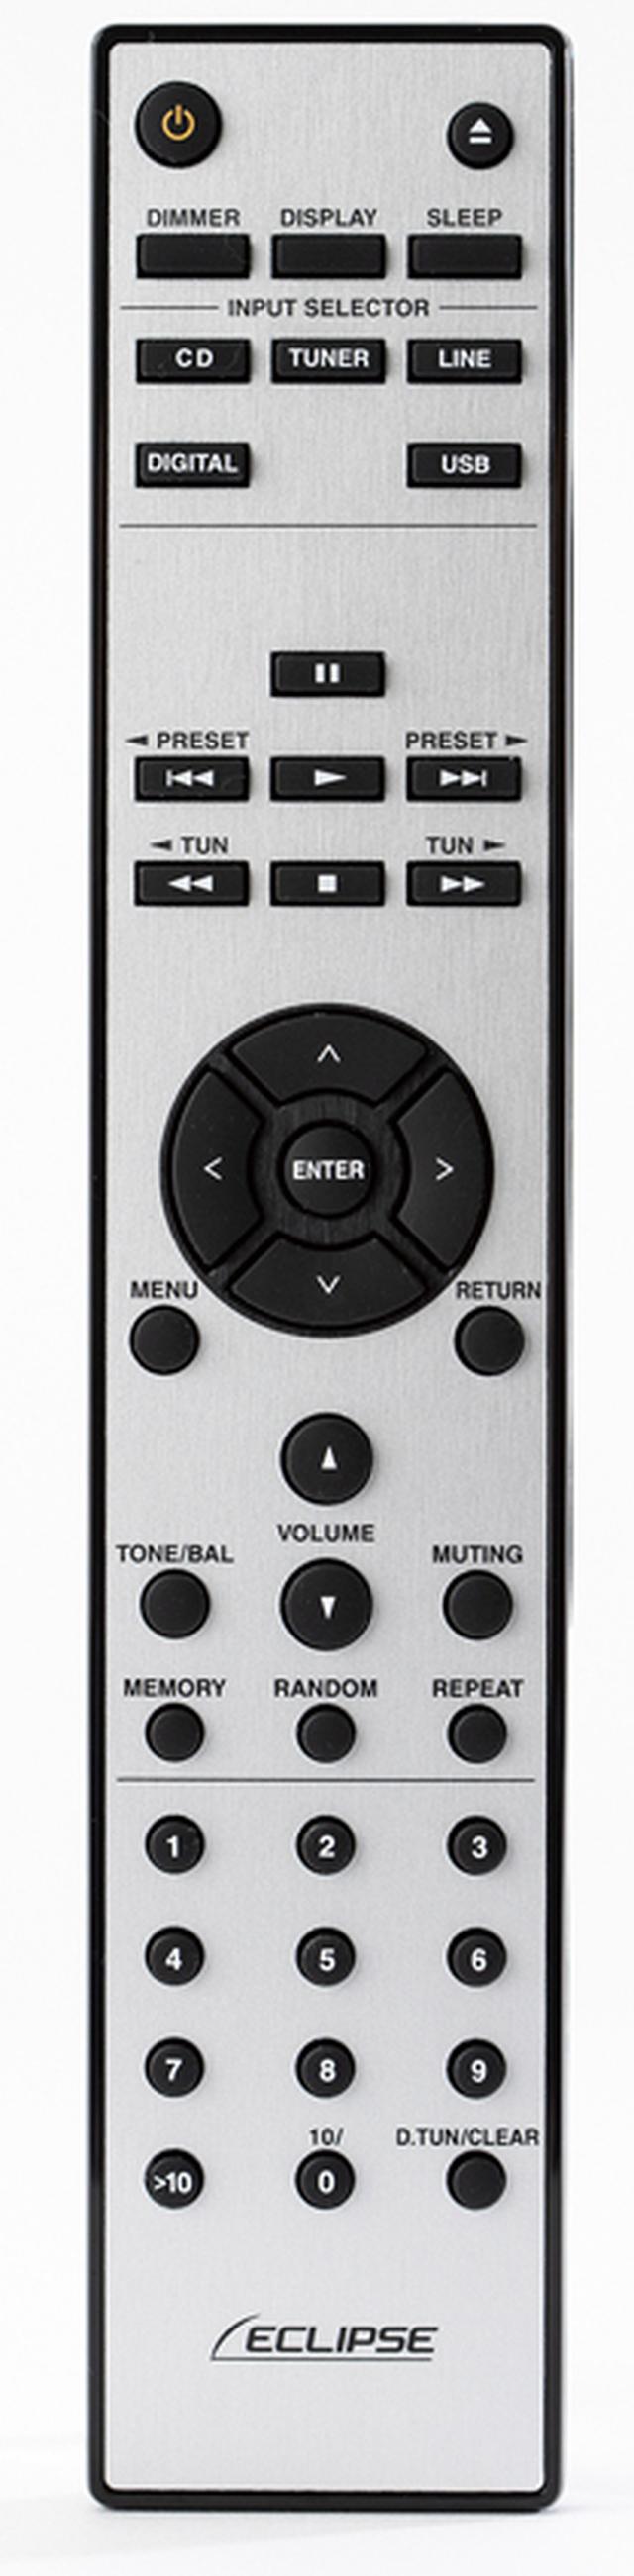 画像: ボタンはグループごとにまとめられ、わかりやすい。ただし、ボタンのサイズはやや小さめ。